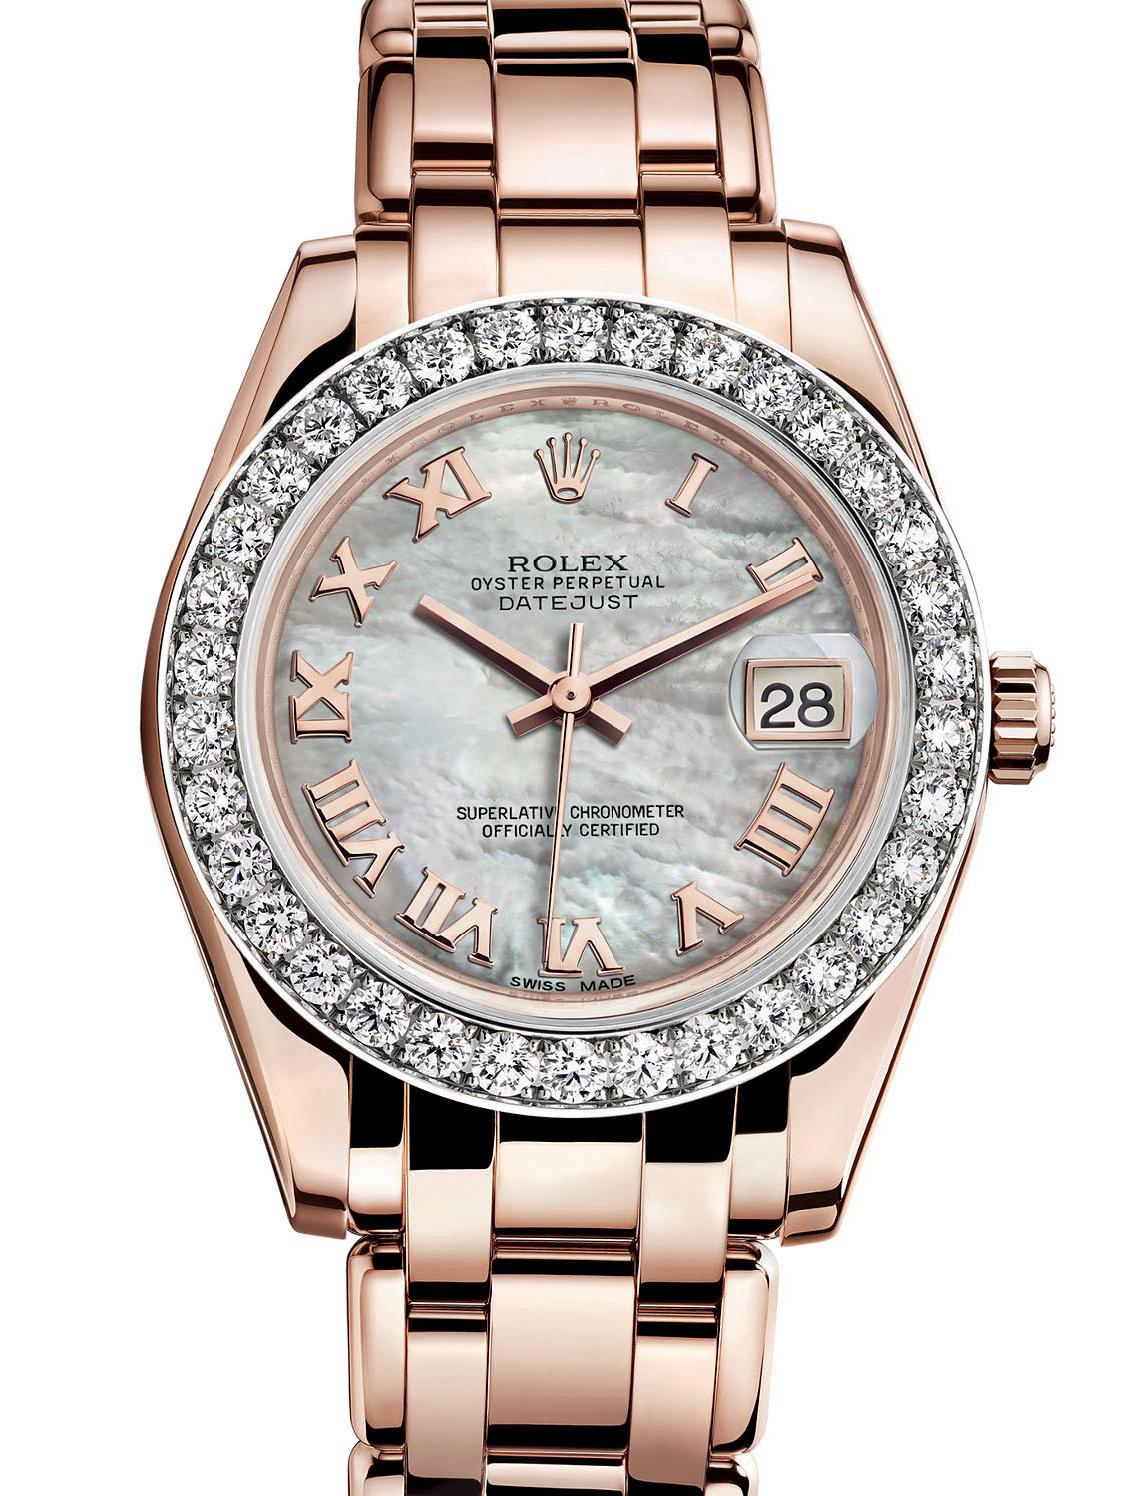 劳力士珍珠淑女型34玫瑰金钻圈白面女表81285-0028